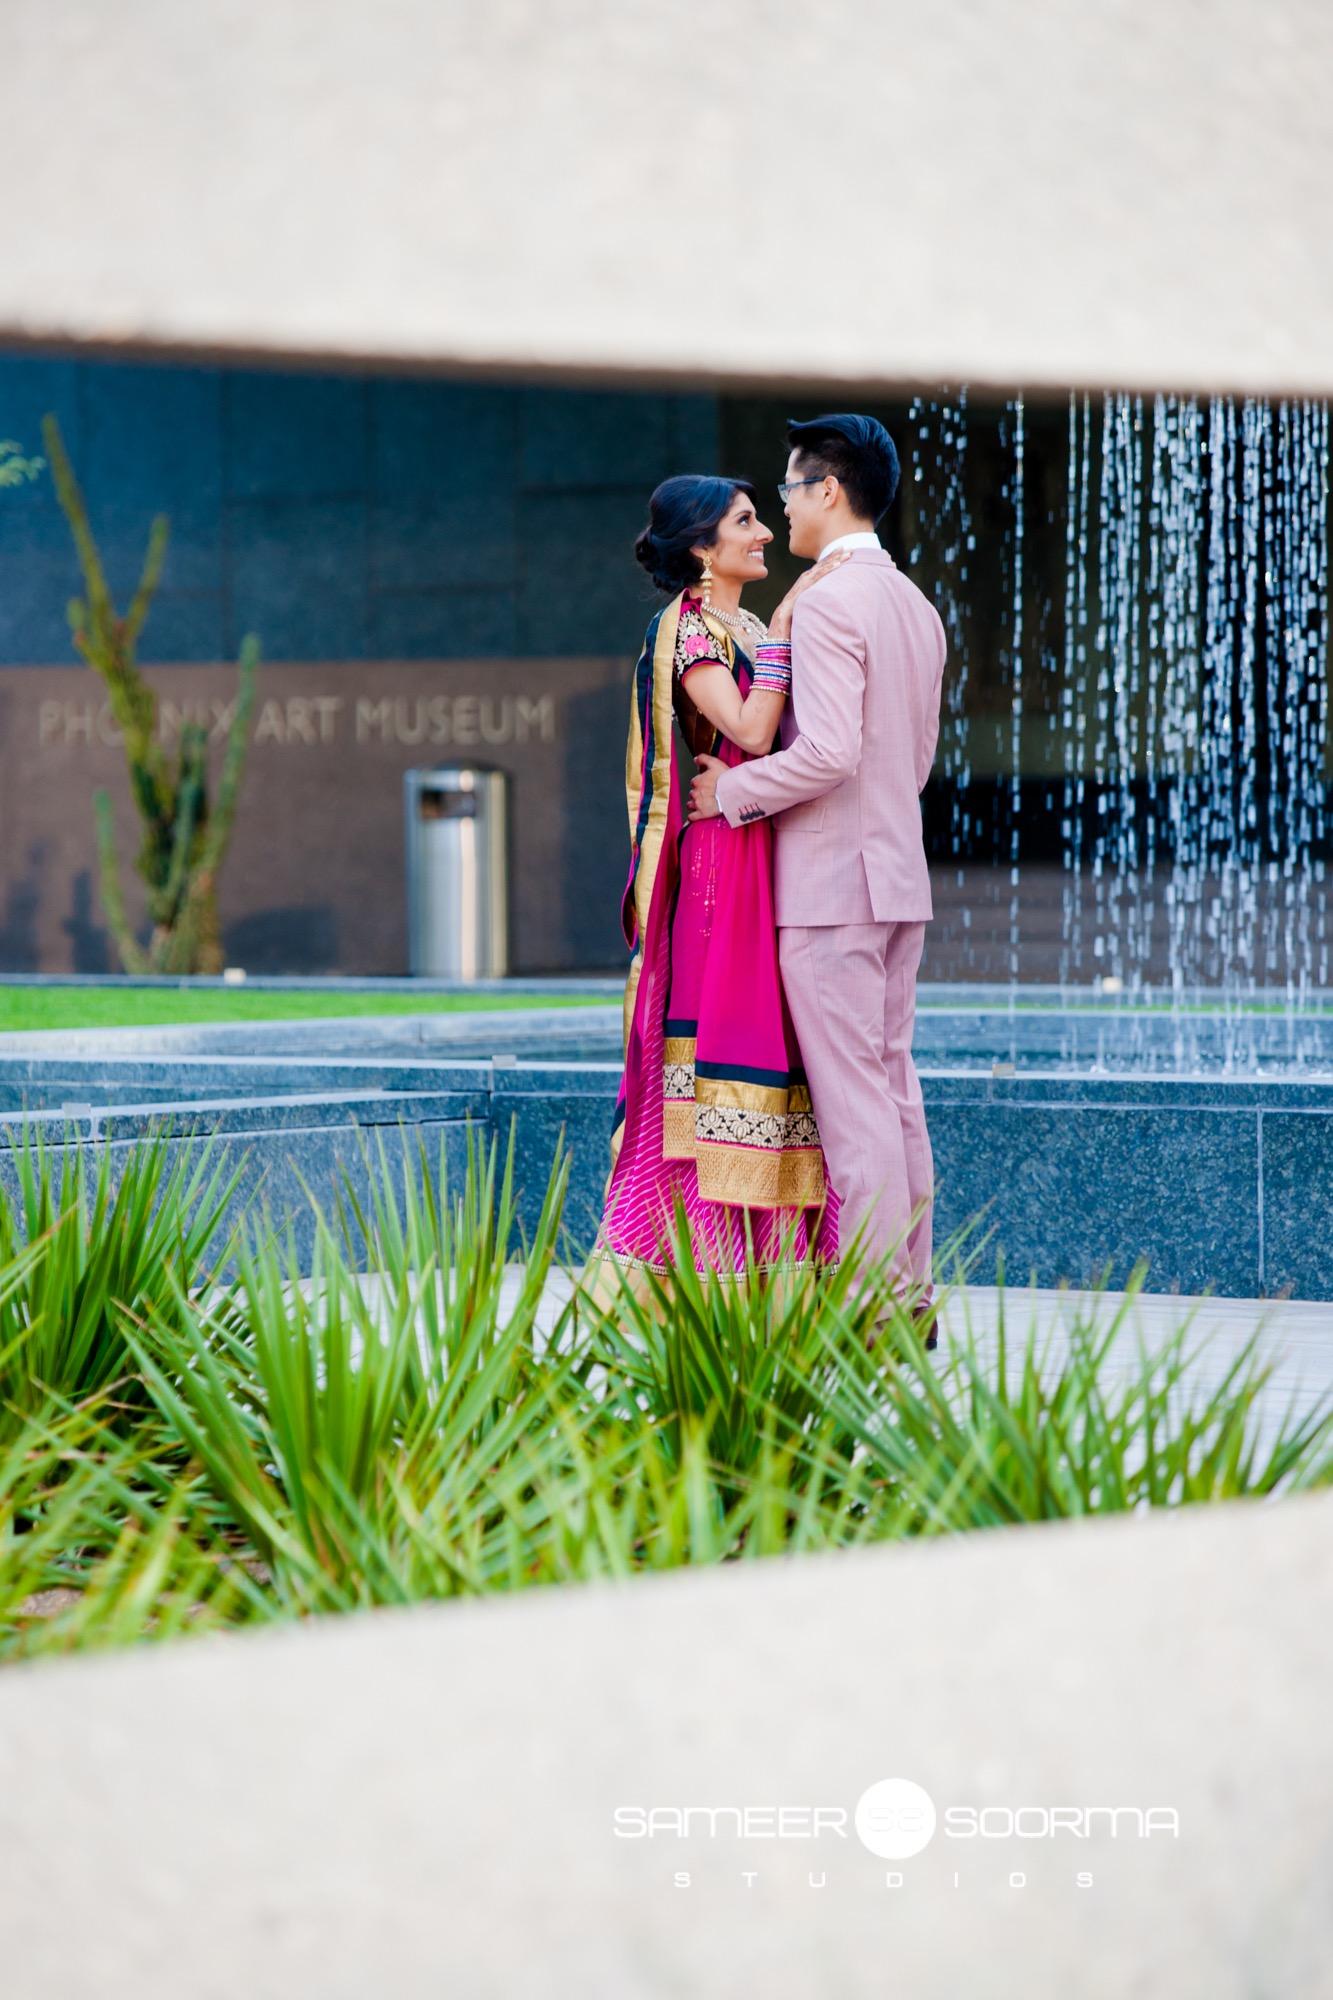 Sameer Soorma Studios_Sheena_Tom-19.jpg